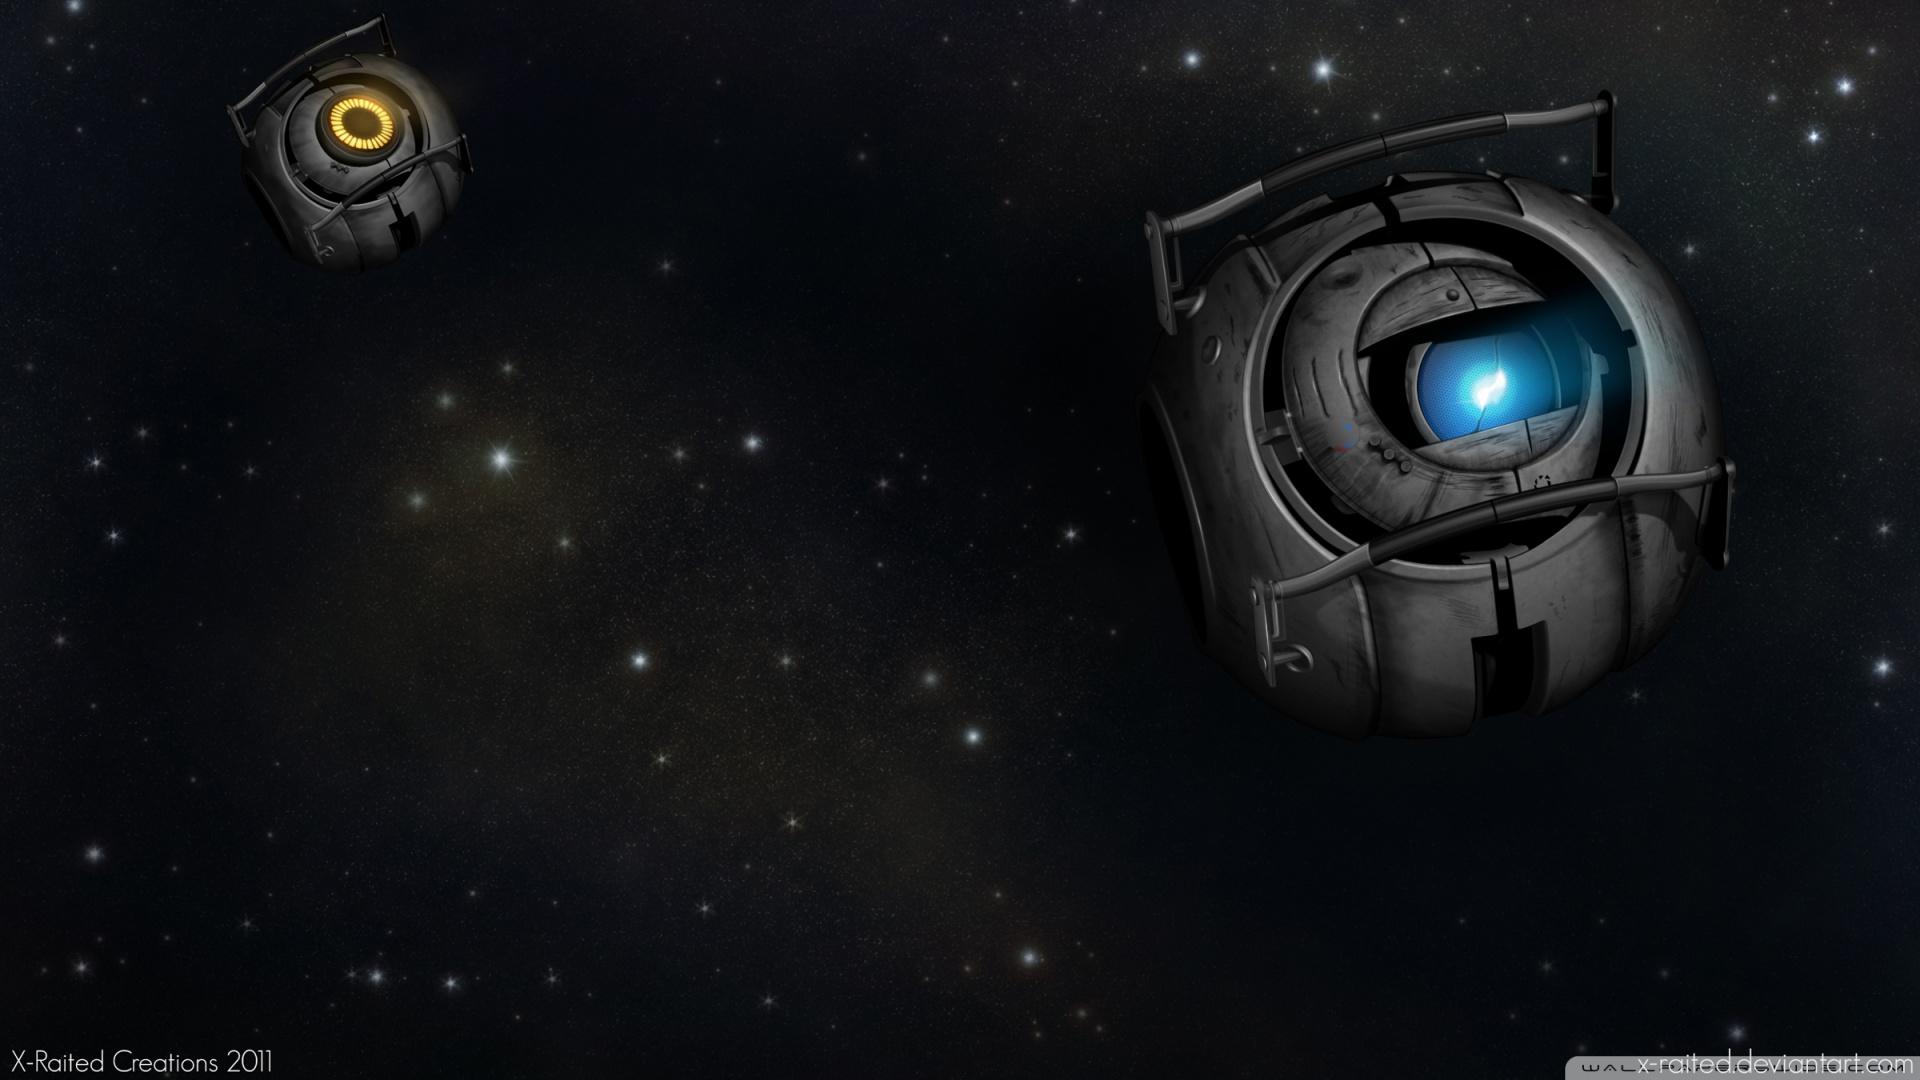 portal 2 wheatley in space ❤ 4k hd desktop wallpaper for 4k ultra